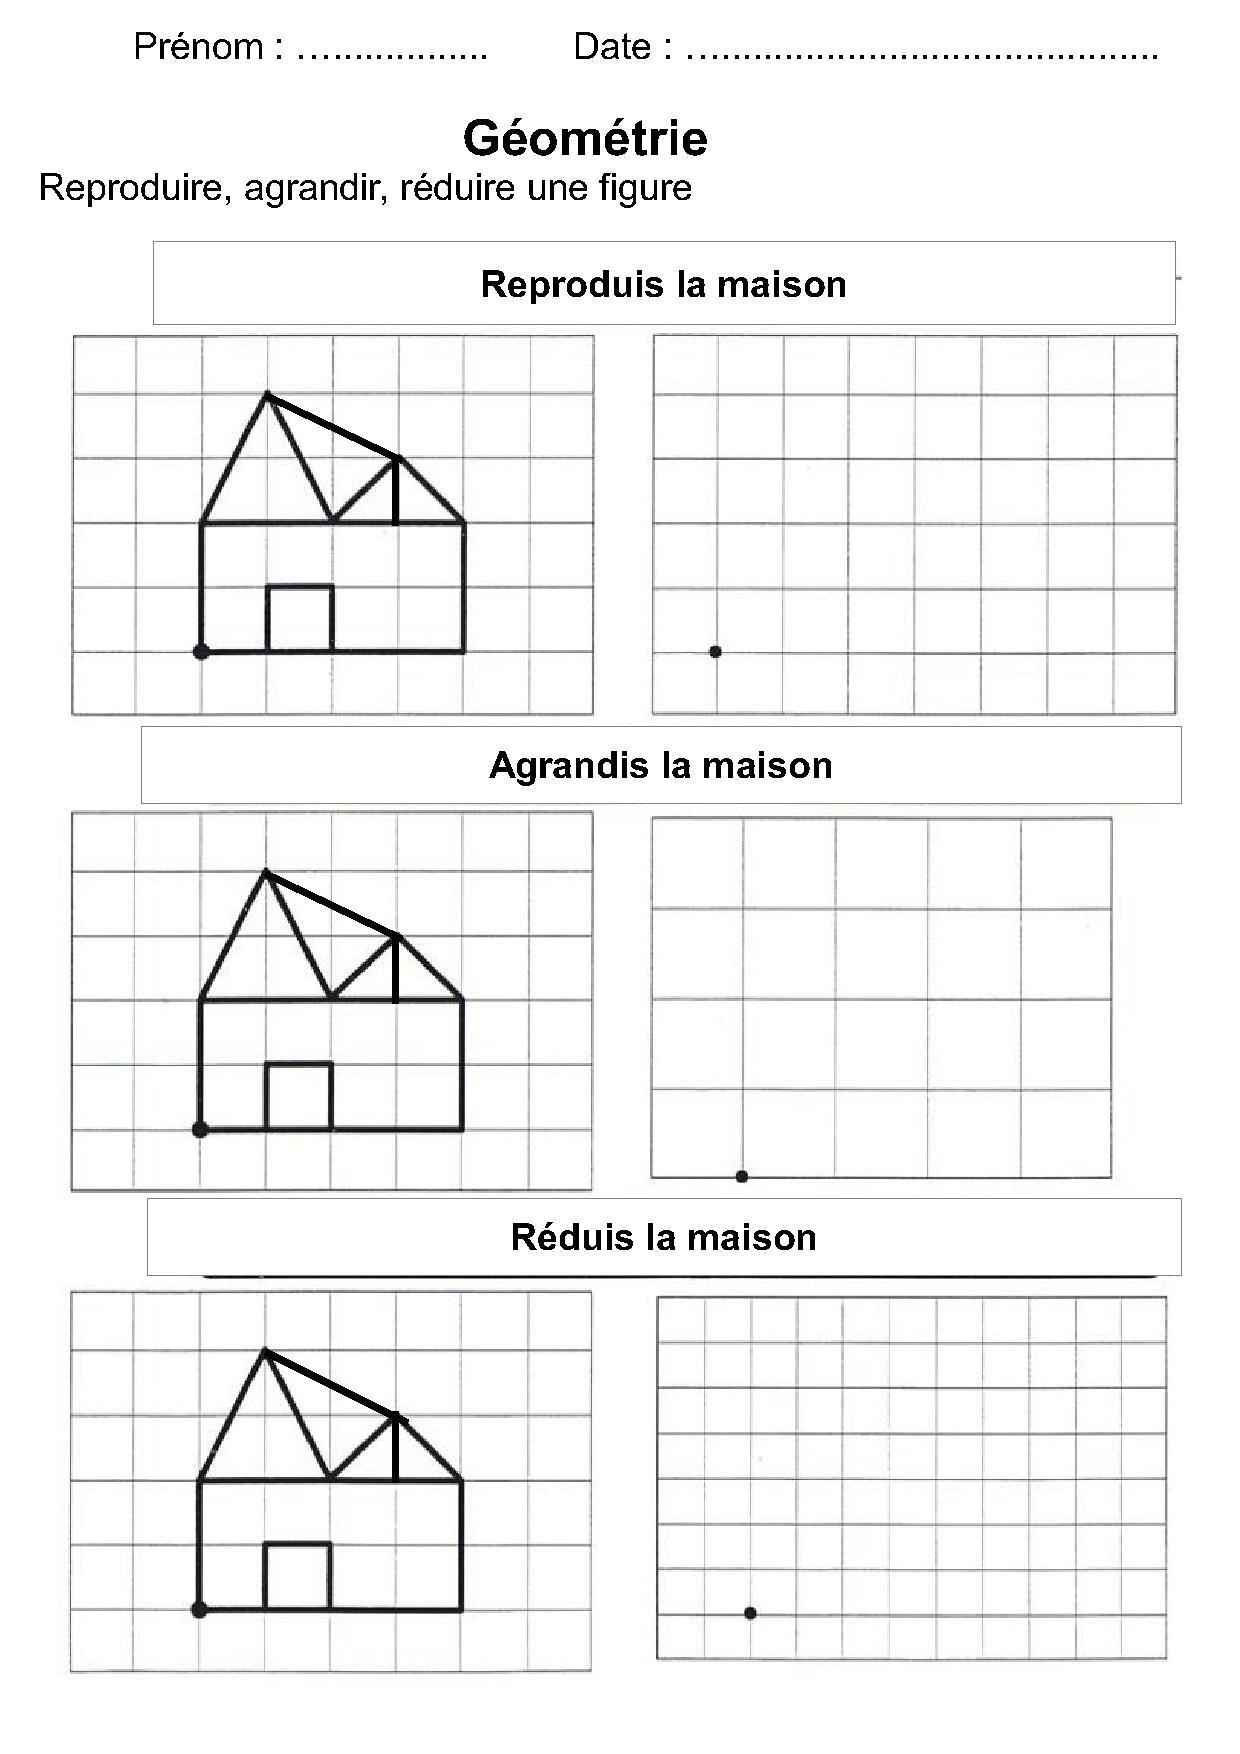 Géométrie Ce1,ce2,la Symétrie,reproduire Une Figure pour Reproduire Un Dessin Sur Quadrillage Cp